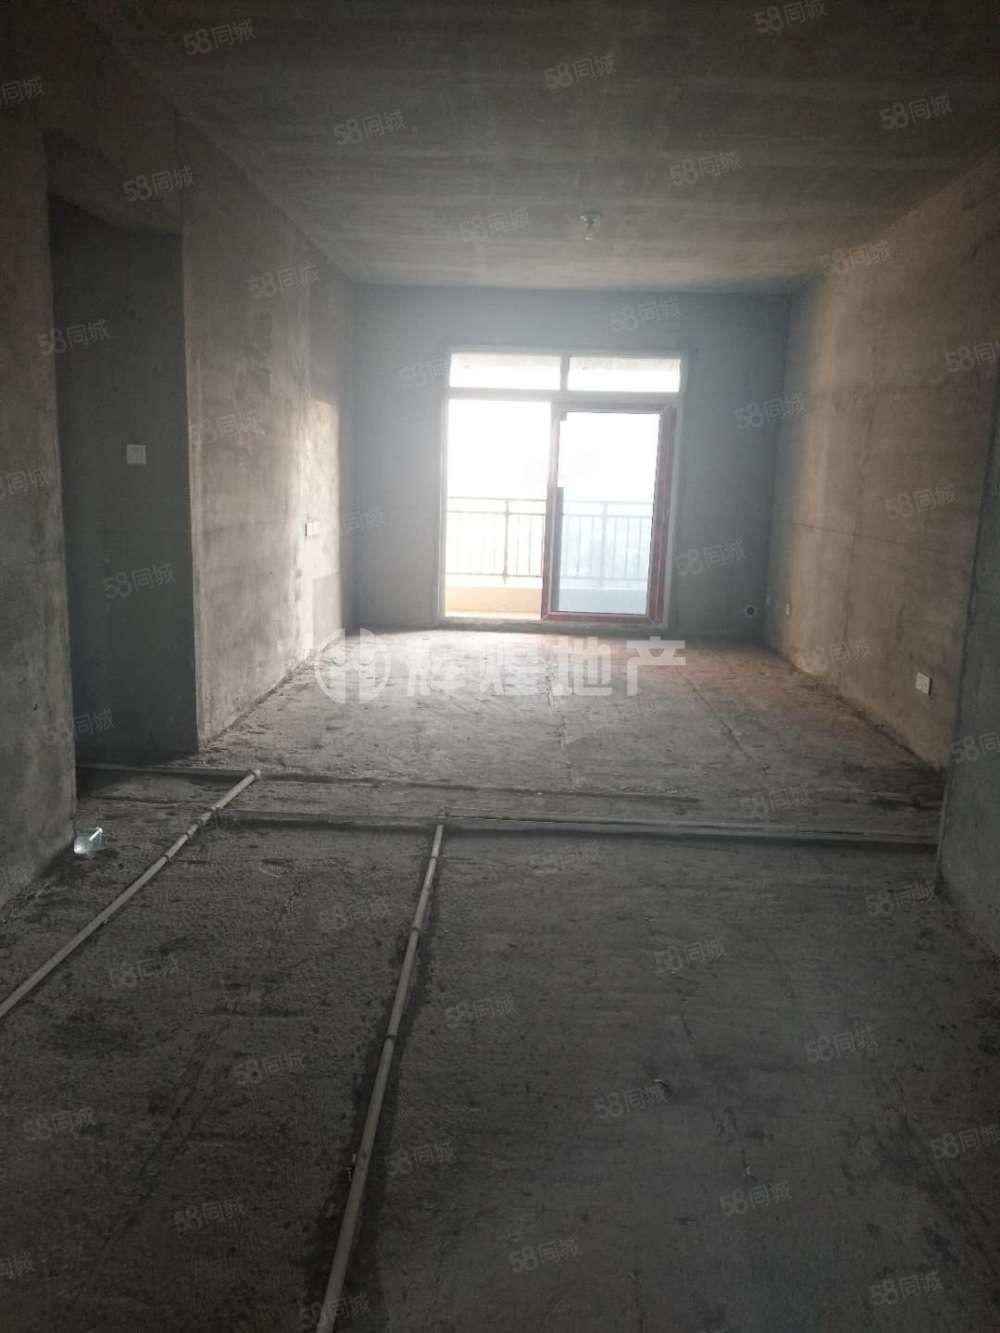 碧桂园南北通透标准三房120平米可以按揭